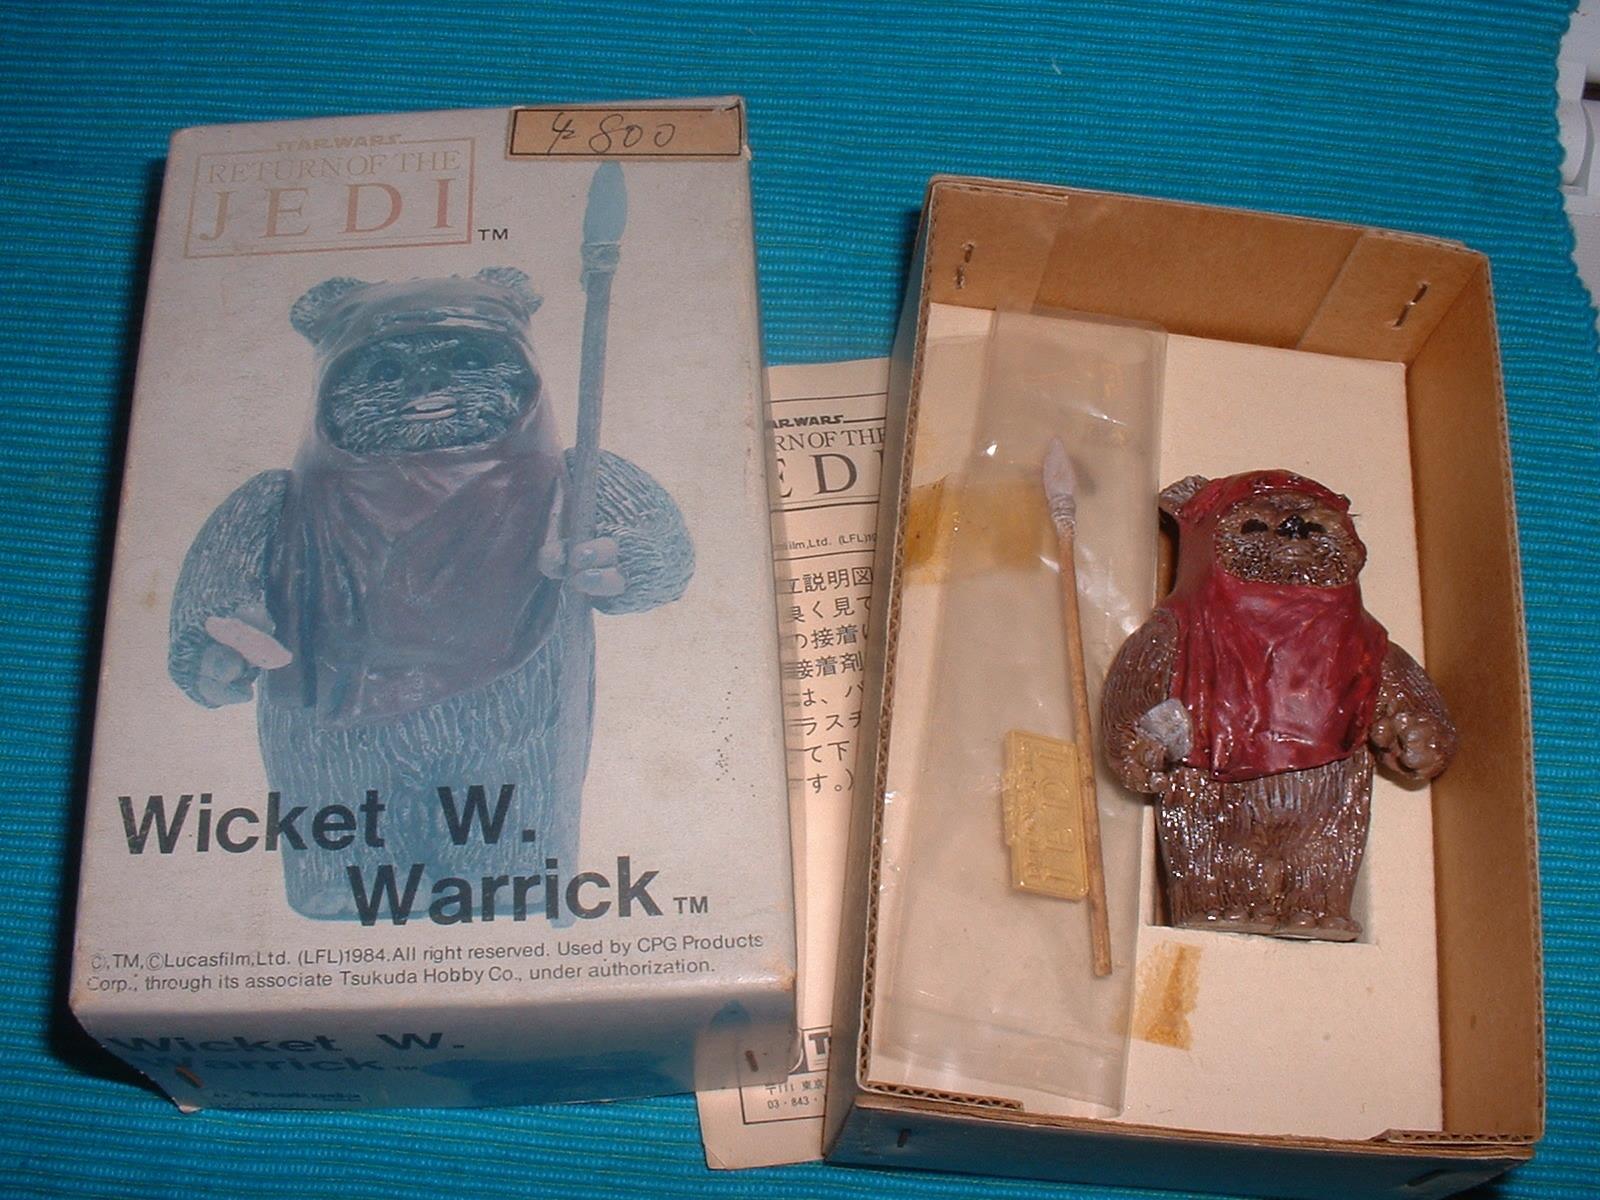 1992年製作 ツクダ製 12分の1「 ウィケットW ウォリック」その1.JPG